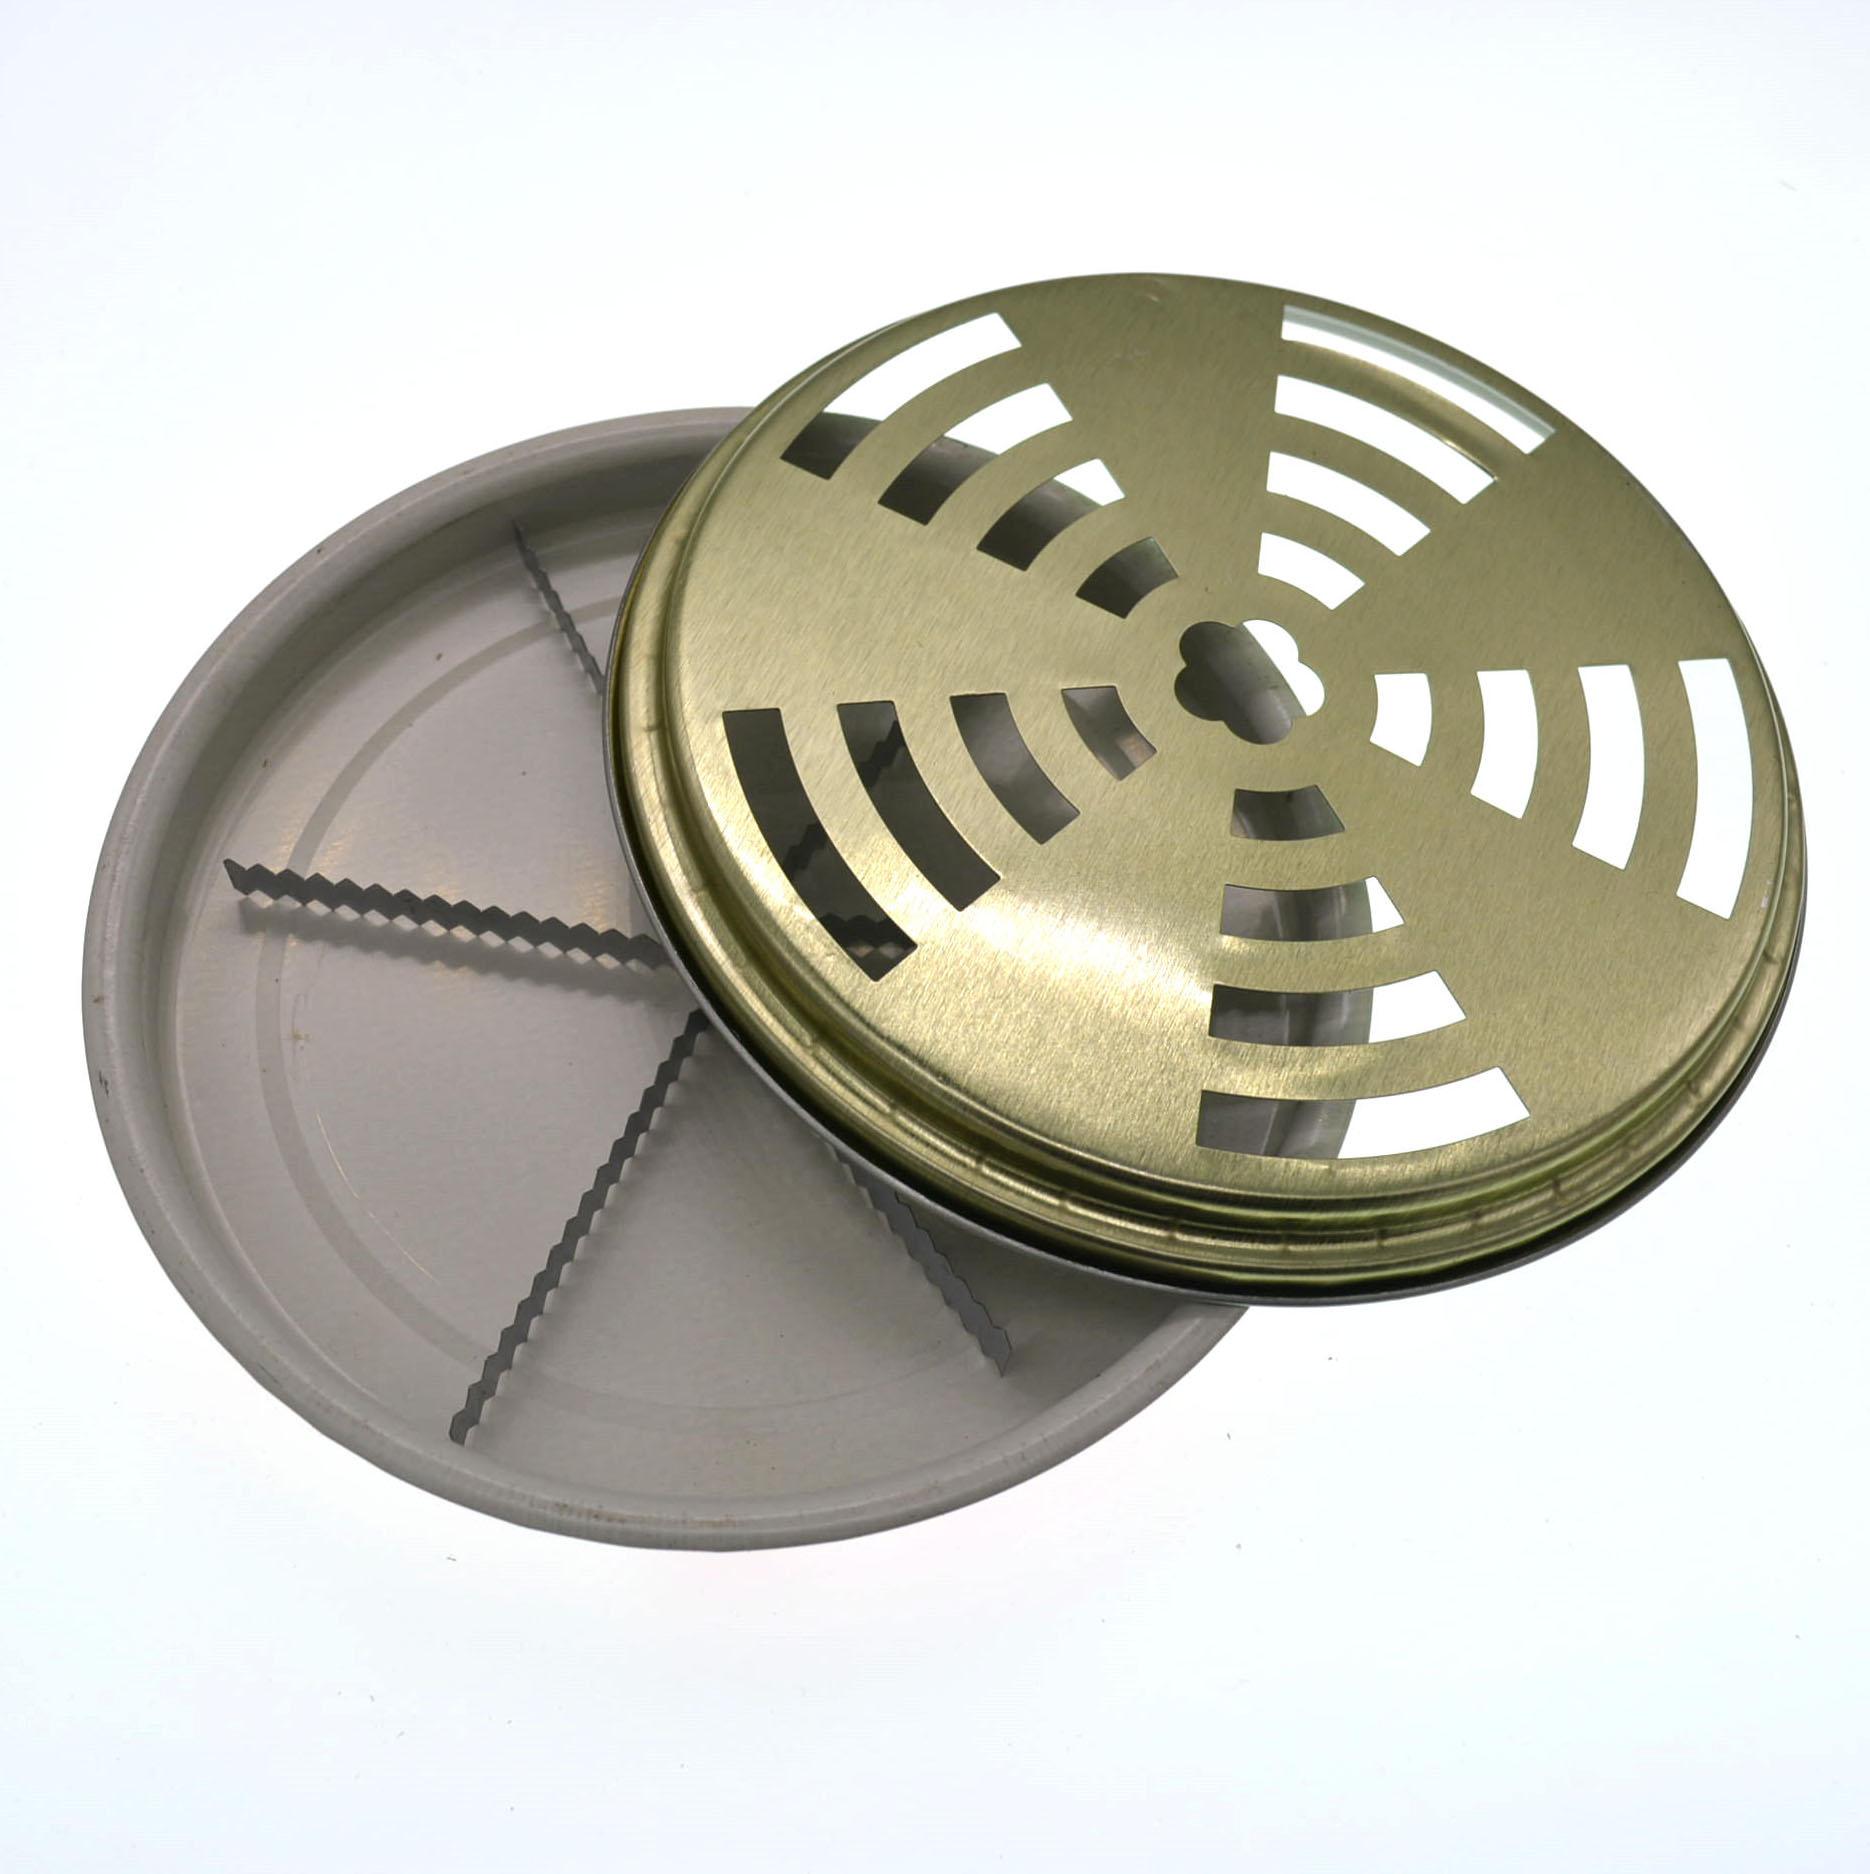 带盖子蚊香盘 铁质蚊香架 大号接灰盘  蚊香盒 蚊香托支架